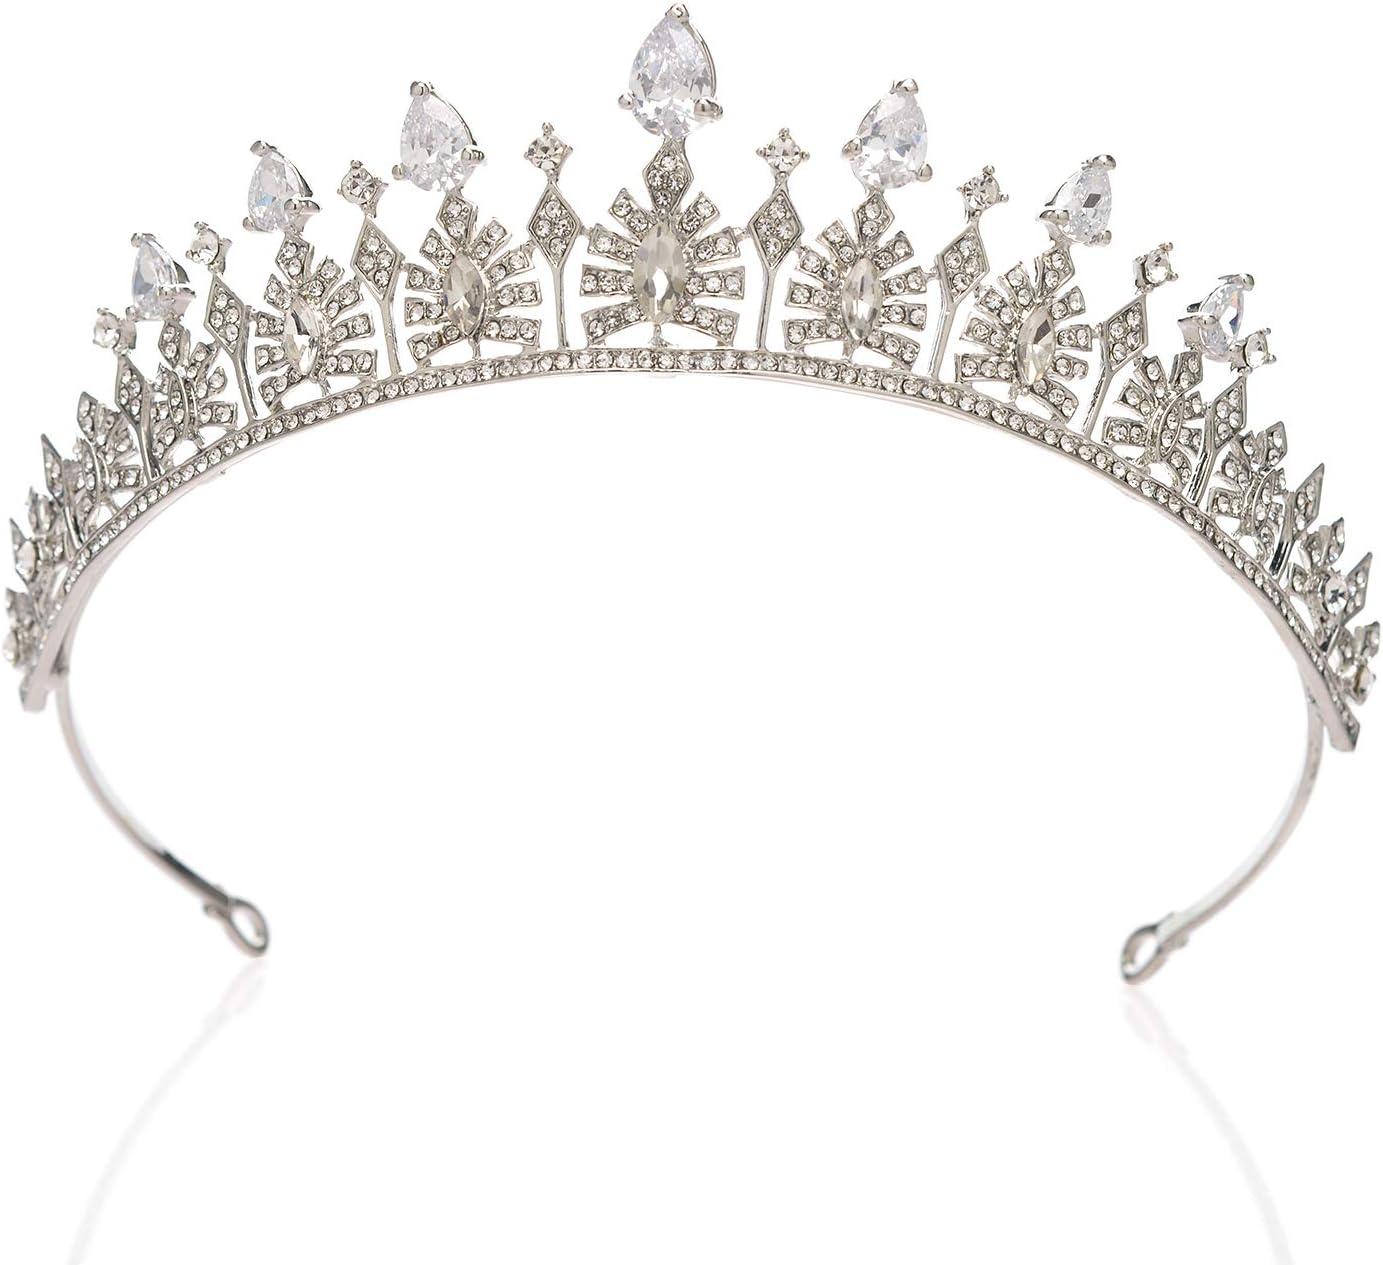 accesorios para el pelo de novia para mujeres y ni/ñas corona de novia Sweetv Tiara de boda de cristal para novia Tiara de princesa con diamantes de imitaci/ón